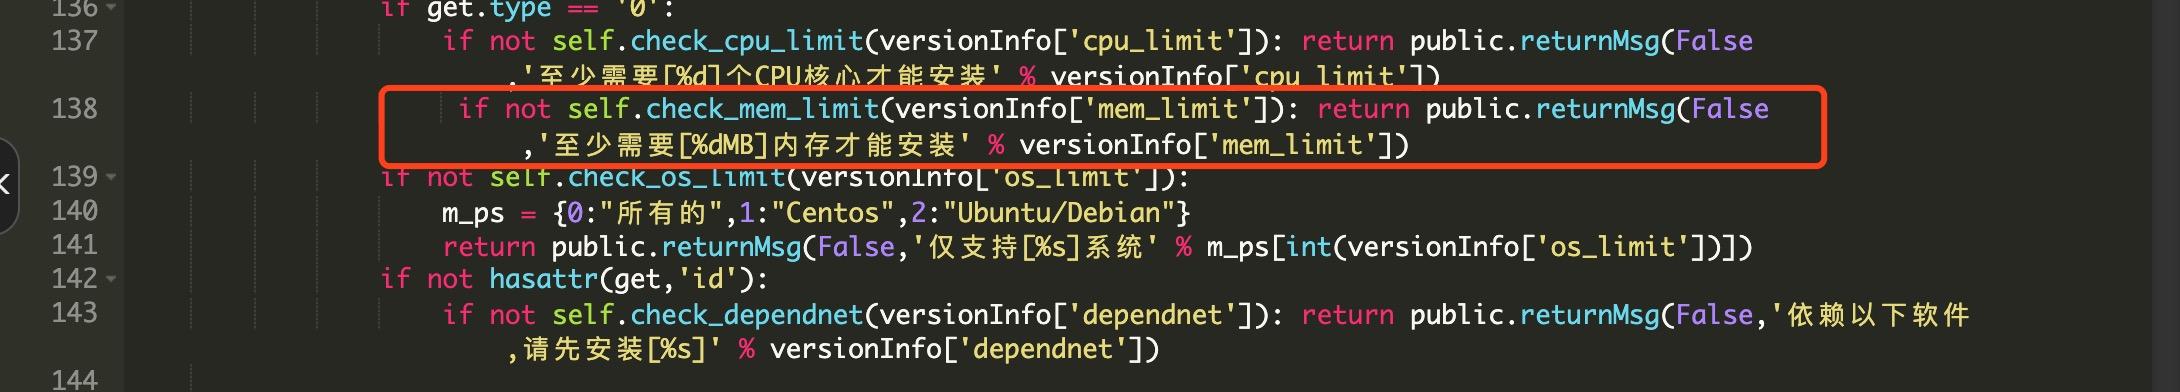 """宝塔面板安装mysql5.7提示""""至少需要XX兆内存""""的解决办法"""